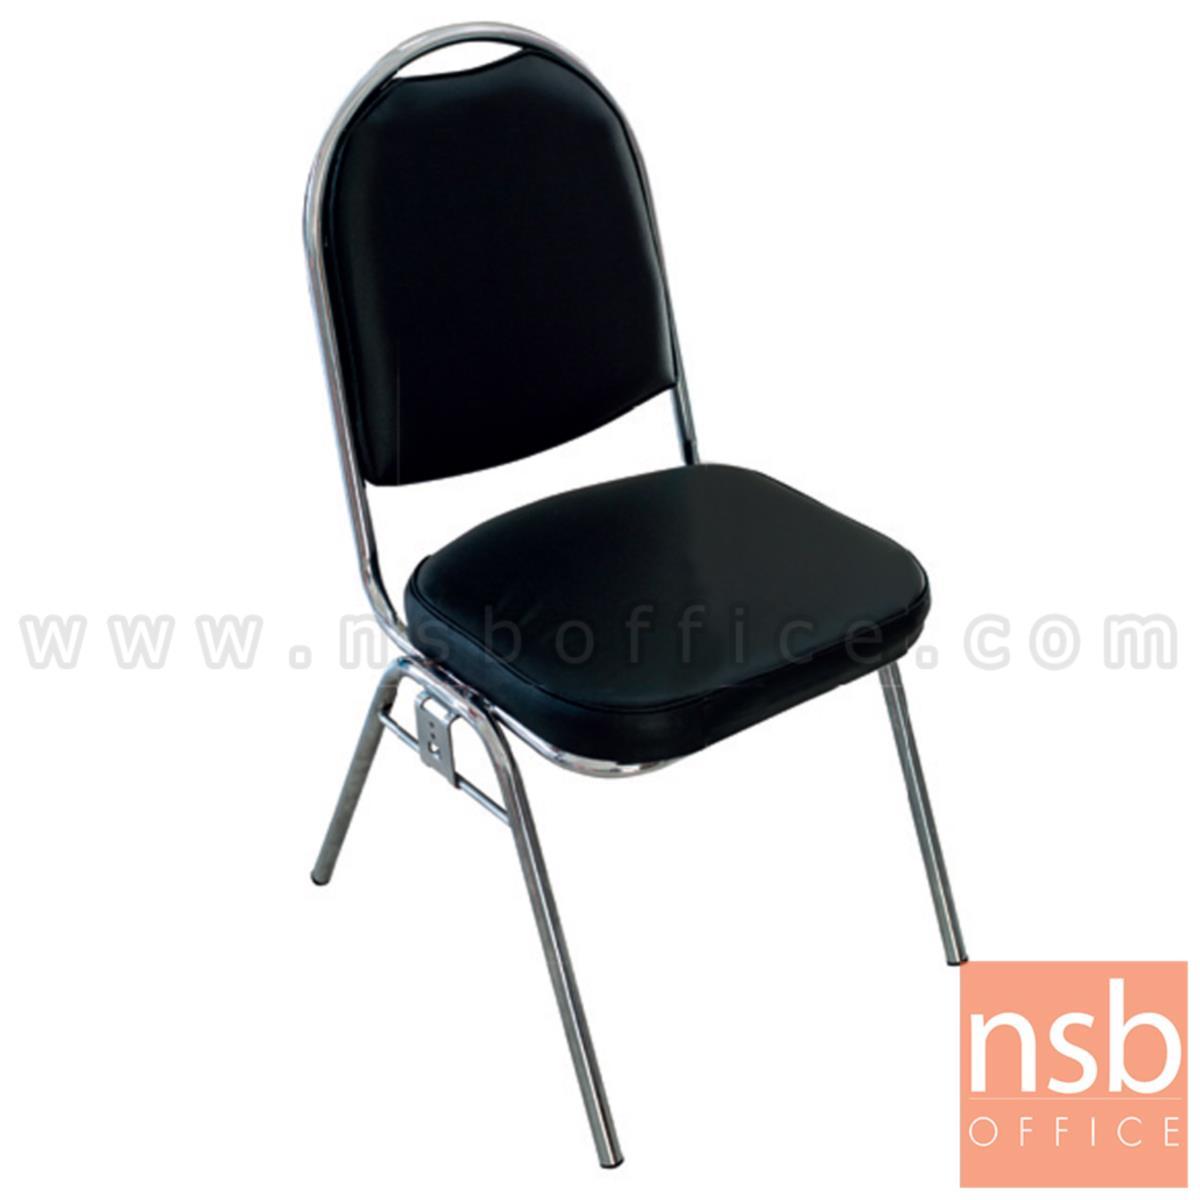 B08A084:เก้าอี้อเนกประสงค์จัดเลี้ยง รุ่น Baylee (เบย์ลี) ขนาด 90H cm. ขาเหล็ก